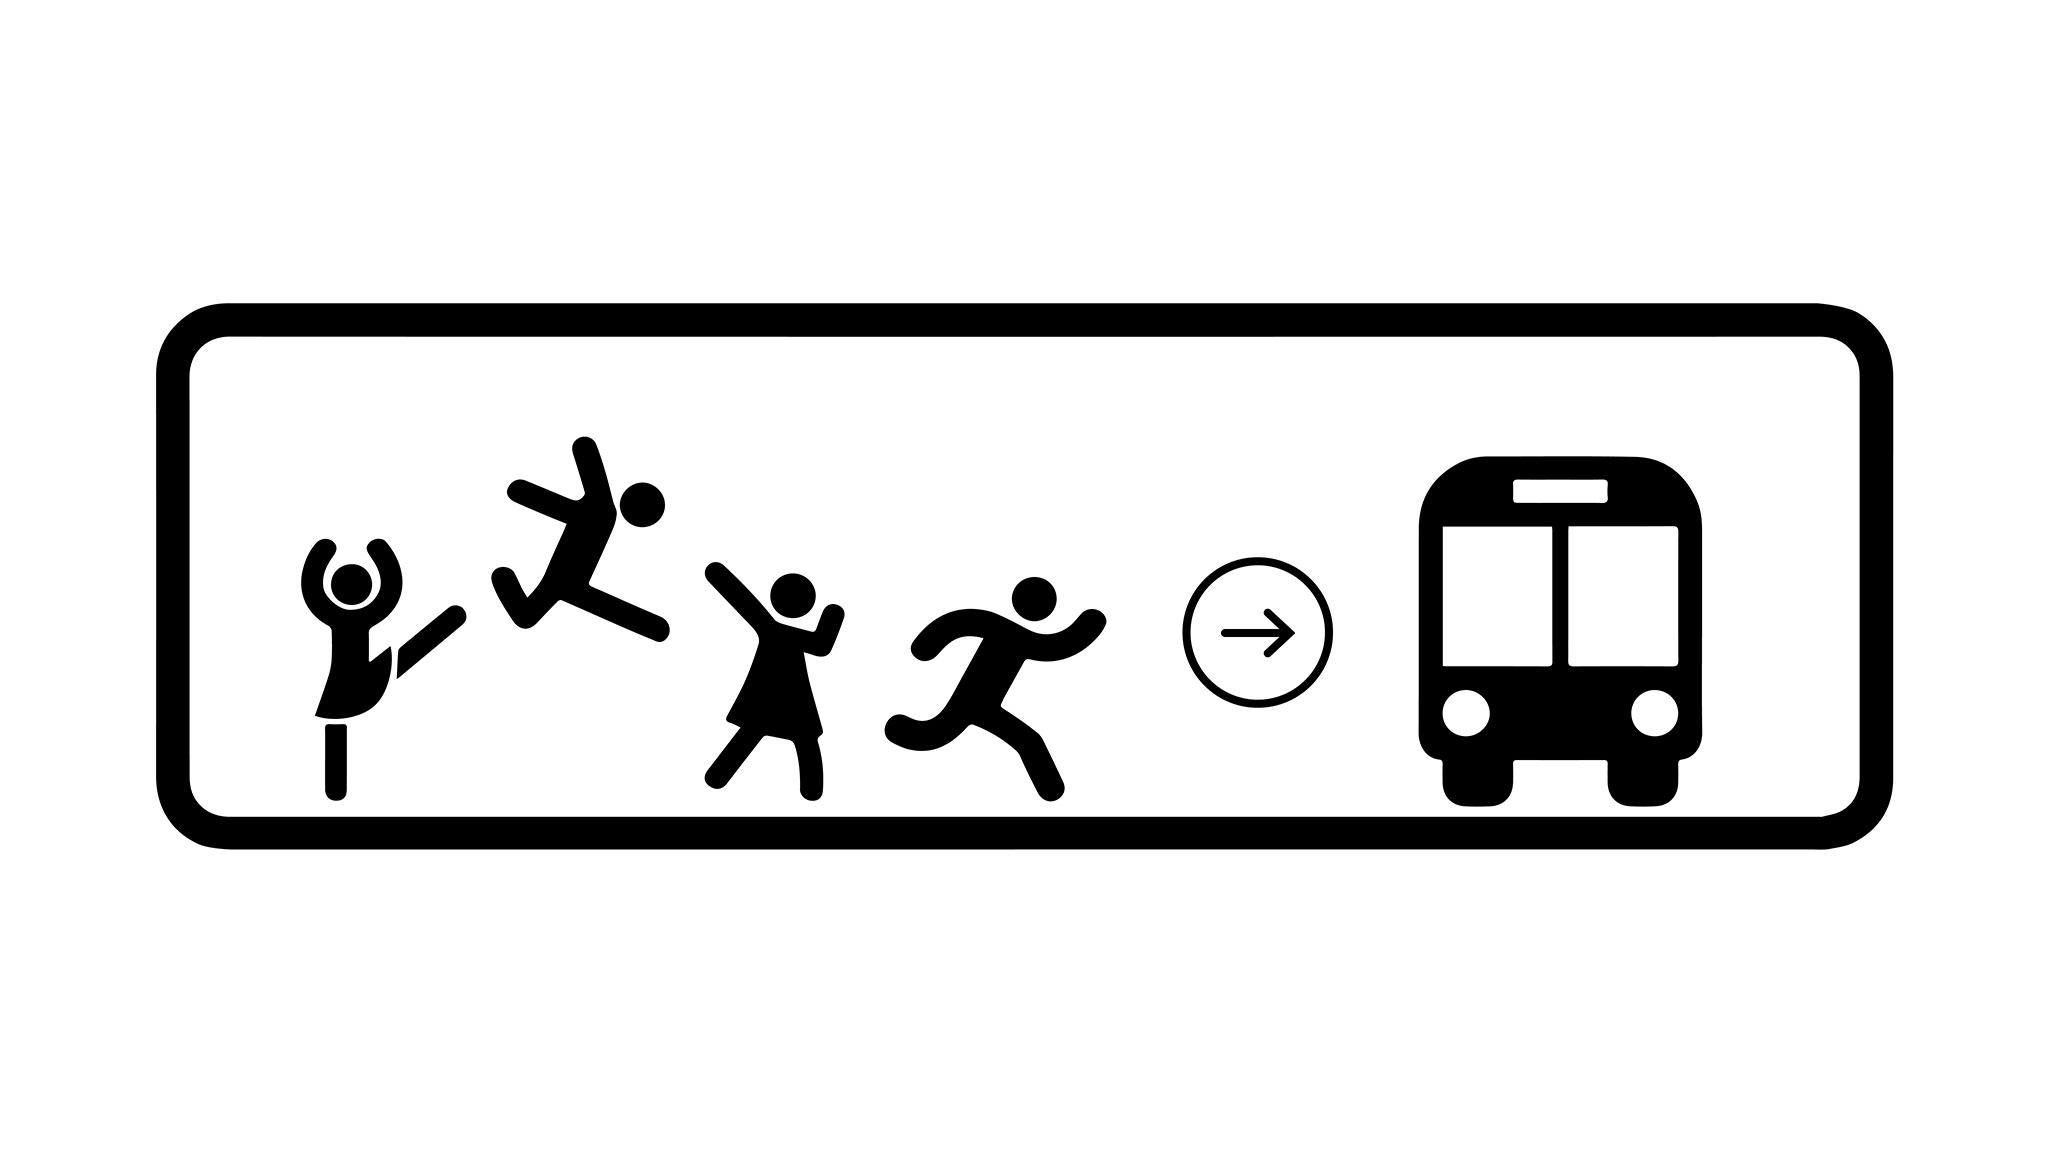 The-Cotillion-Bus